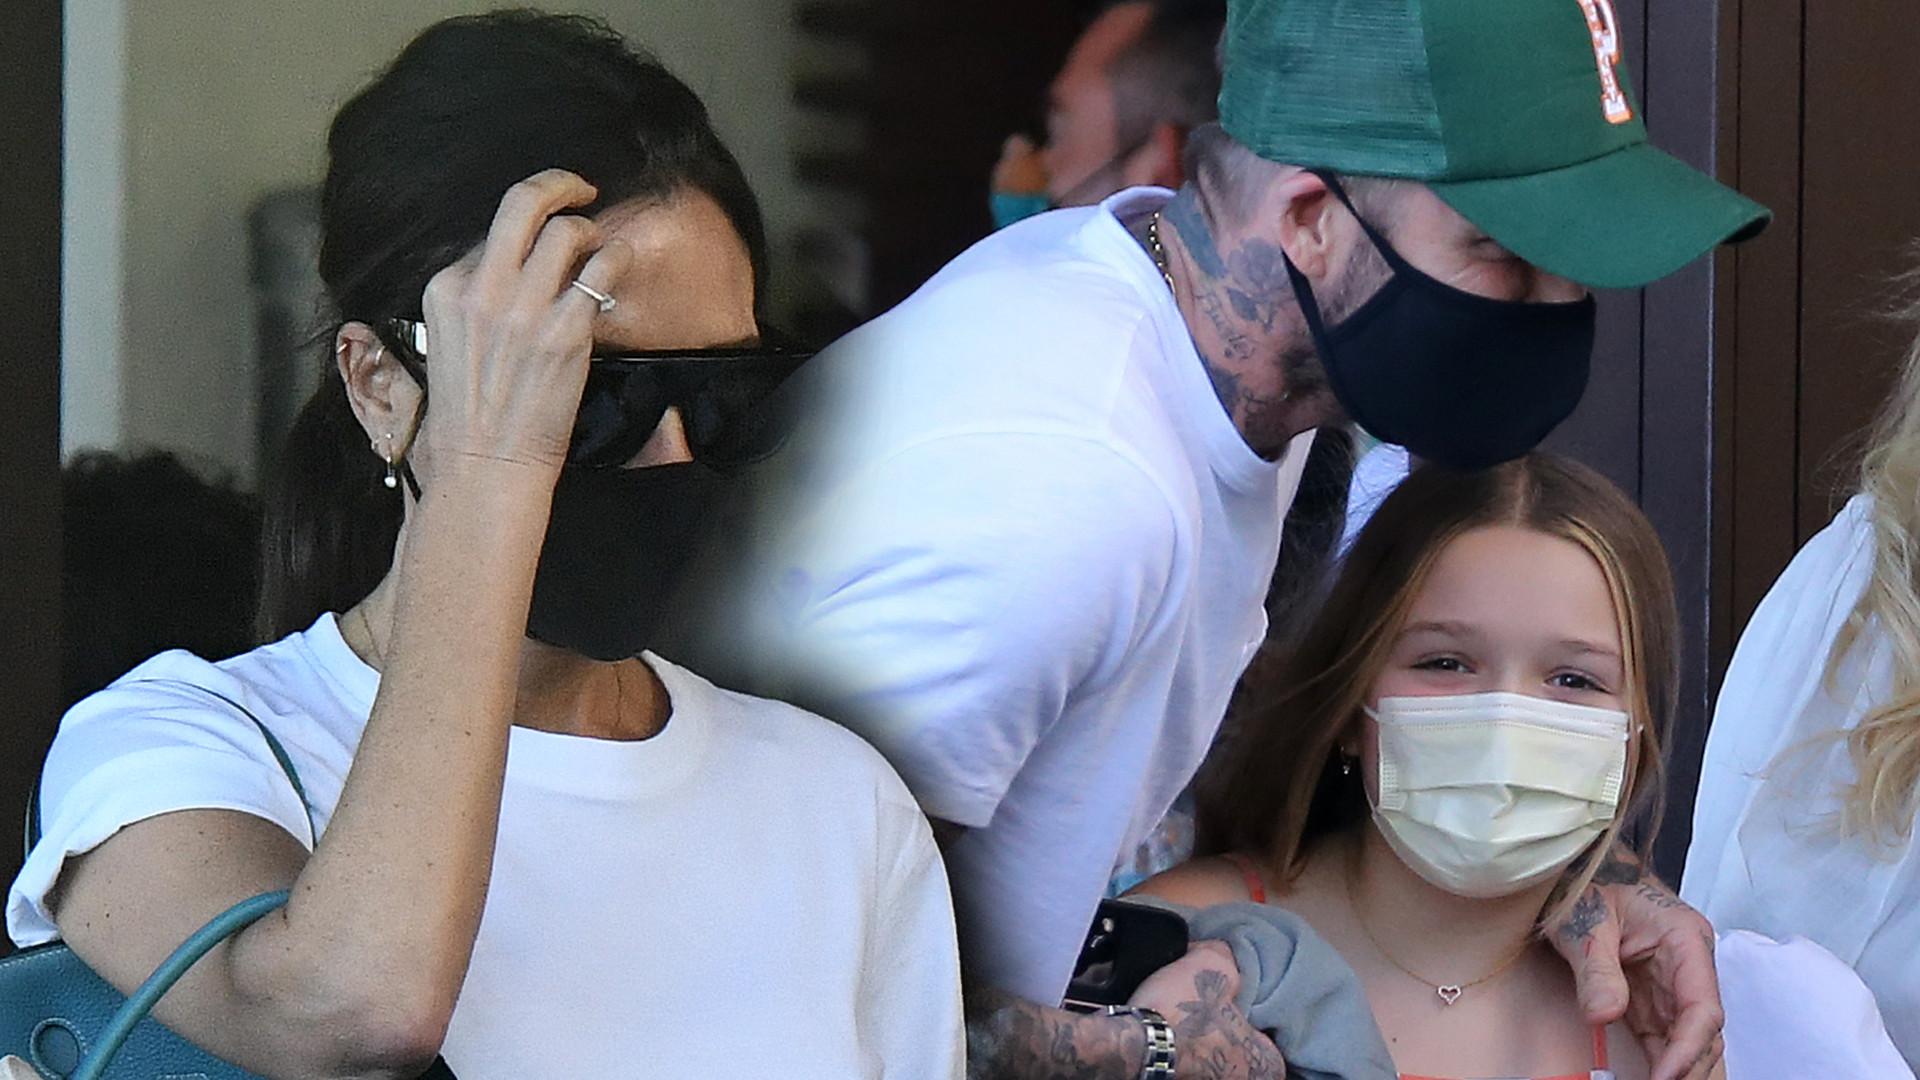 Beckhamowie z dziećmi w zatłoczonej restauracji w Miami (ZDJĘCIA)